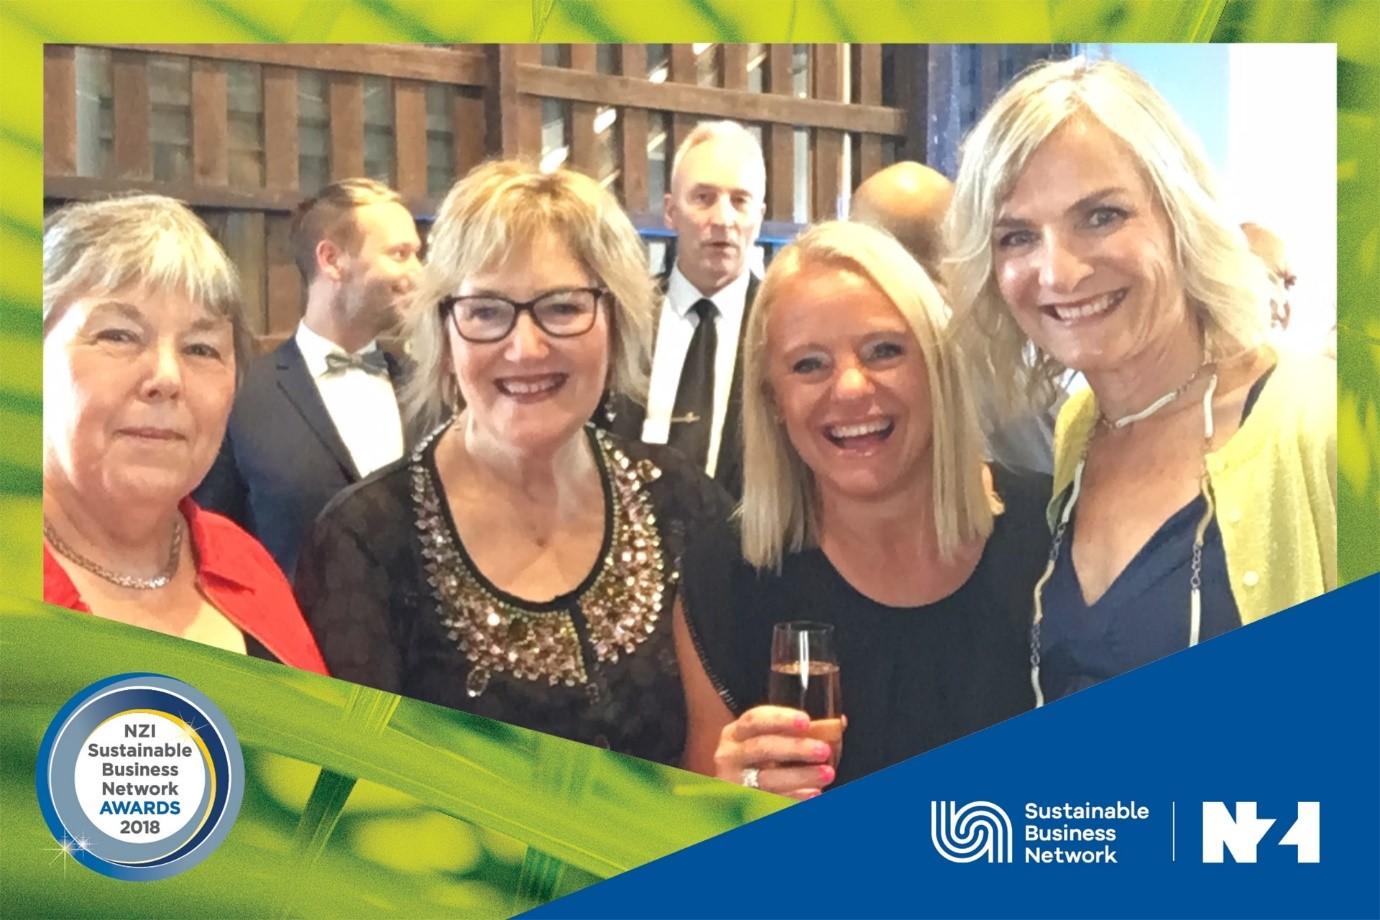 SBN Awards group photo